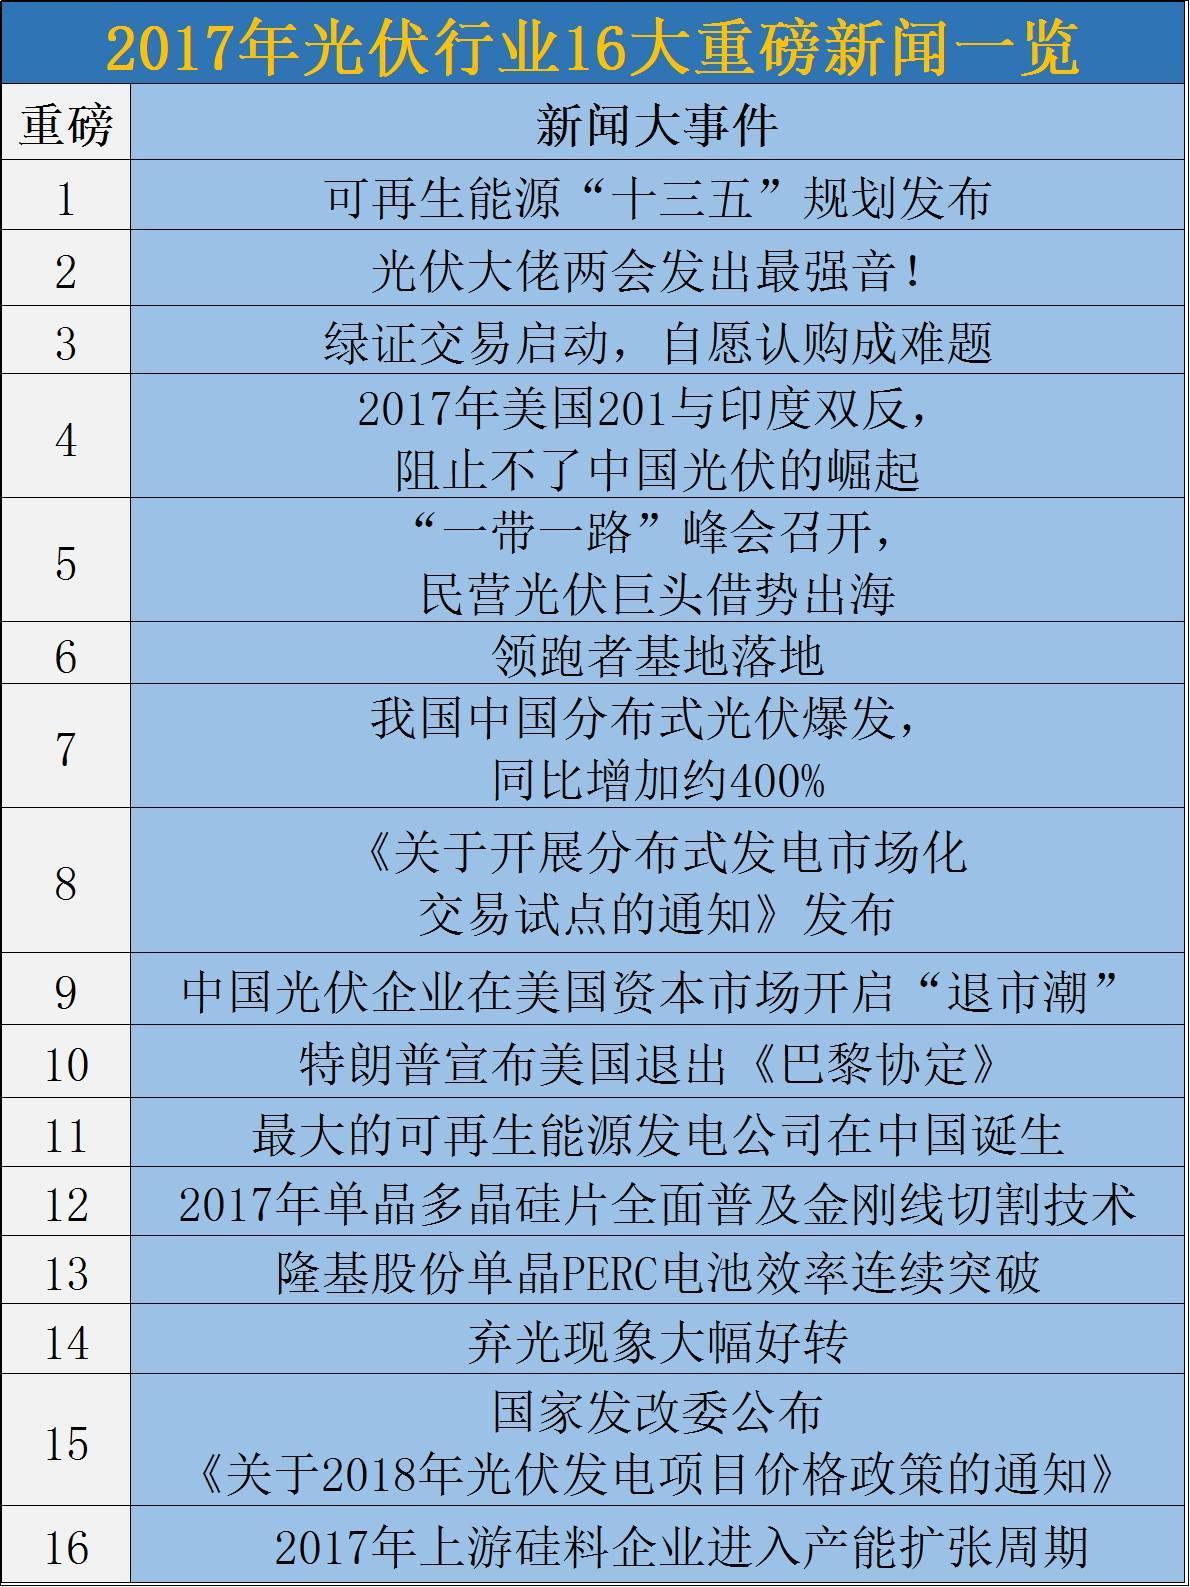 2017光伏行业16大事件!十三五规划、产能扩张、技术突破、企业私有化、补贴下调……